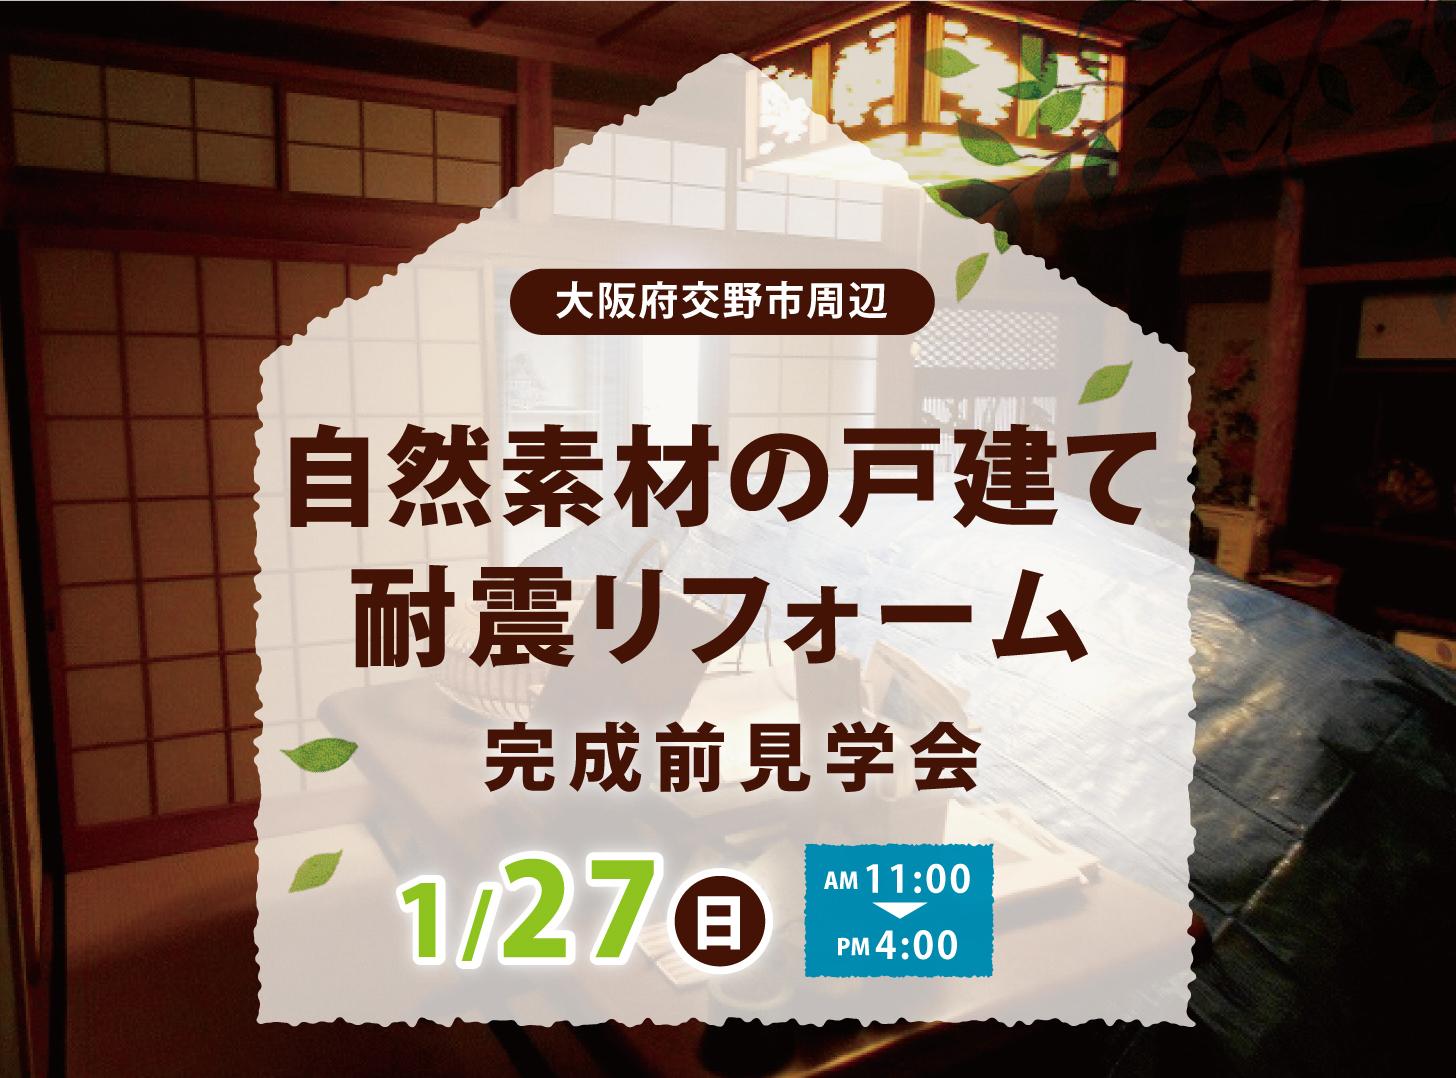 大阪交野 自然素材の戸建て耐震リフォーム見学会